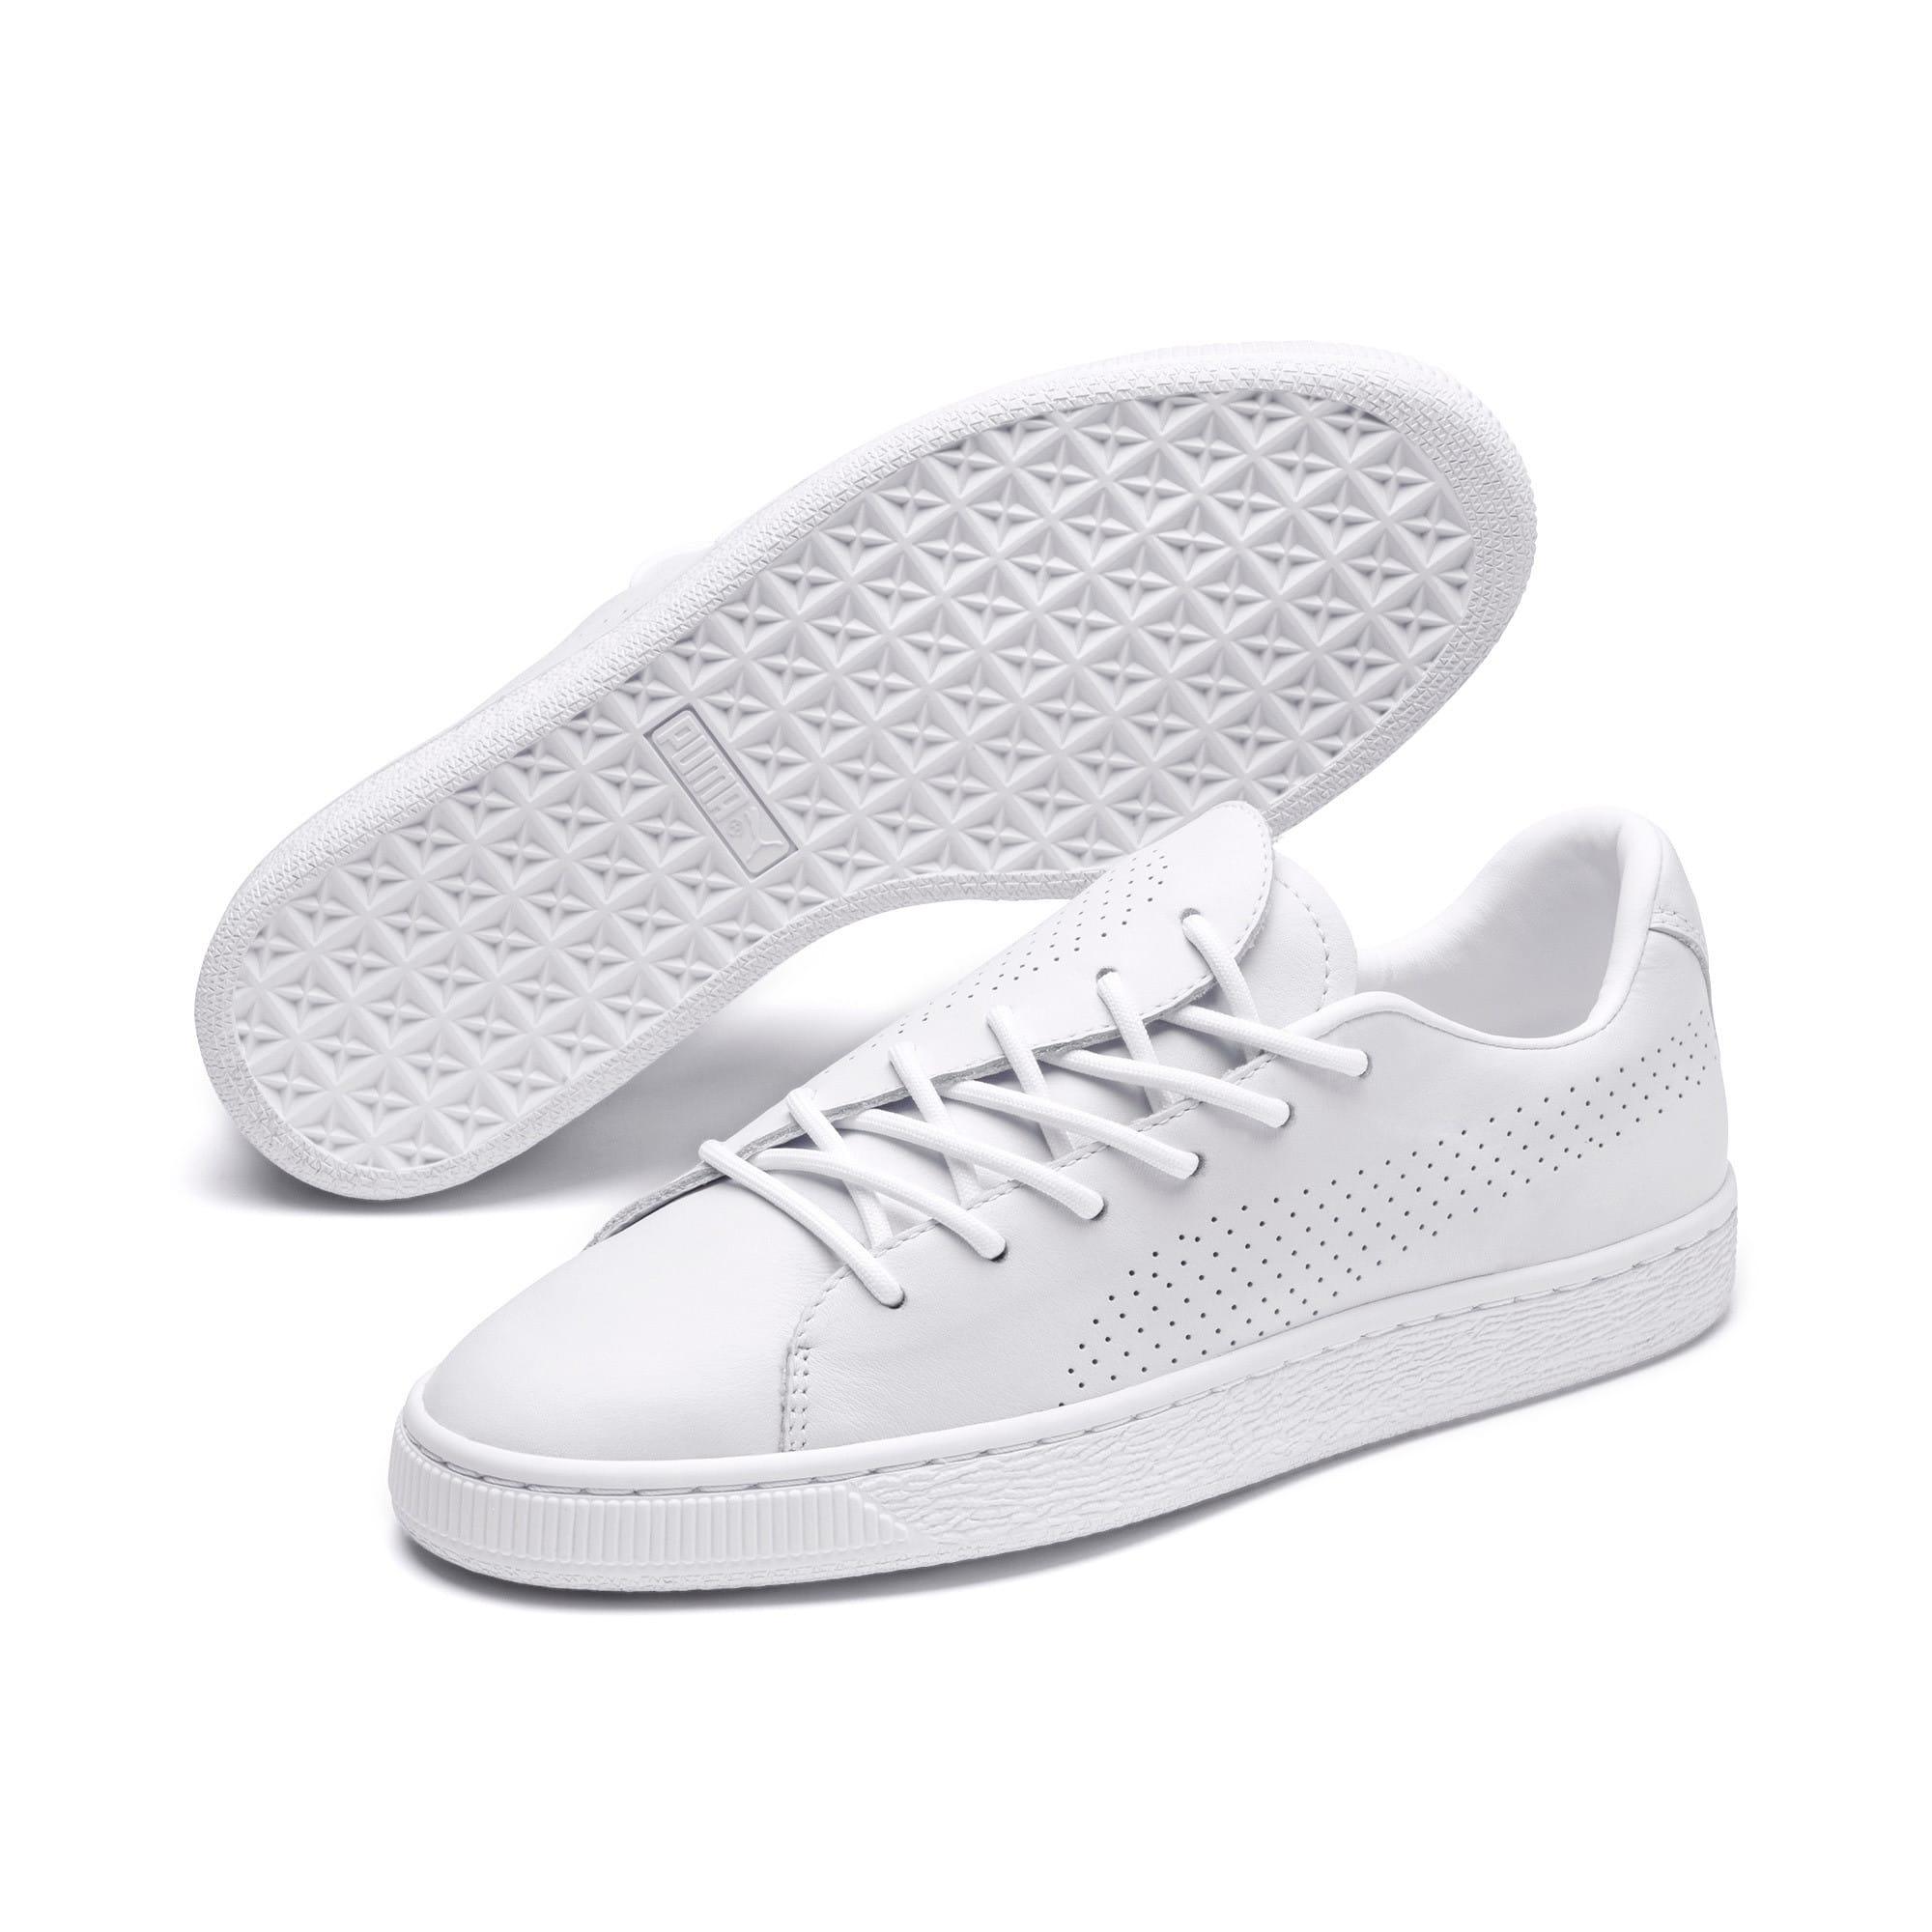 Basket Crush Perf Women's Sneakers